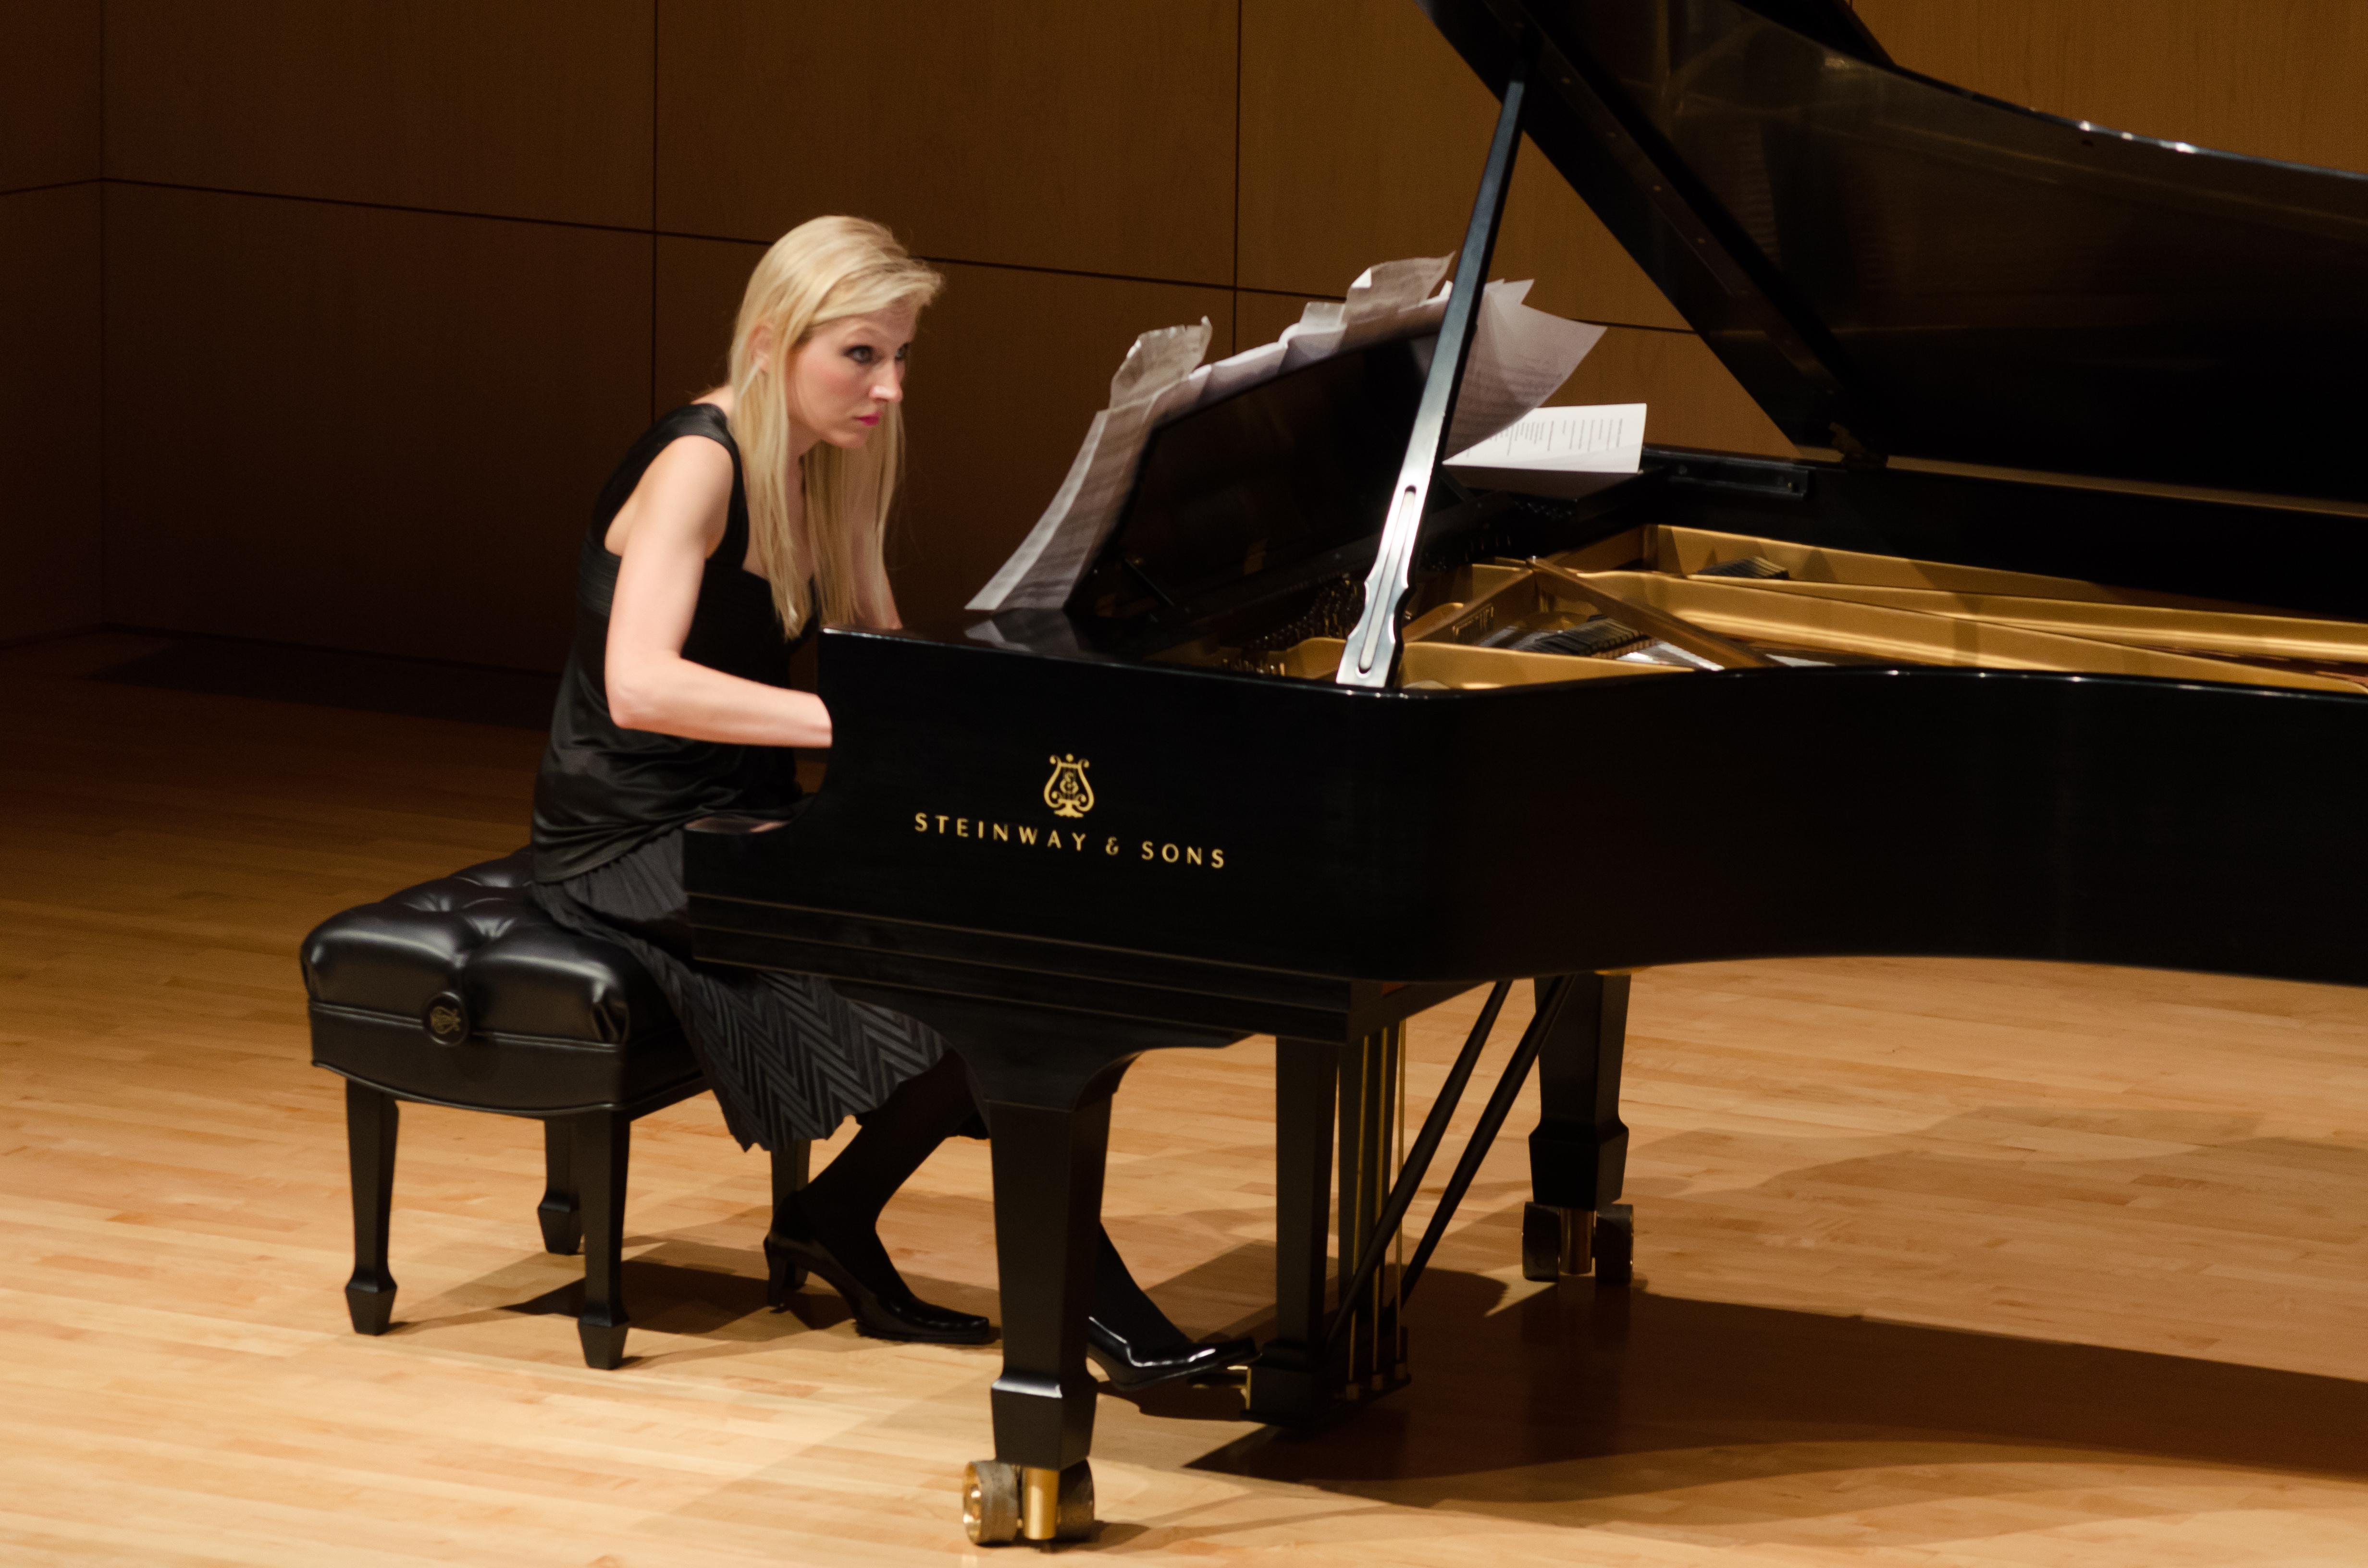 Beata Golec Recital 2015.jpg